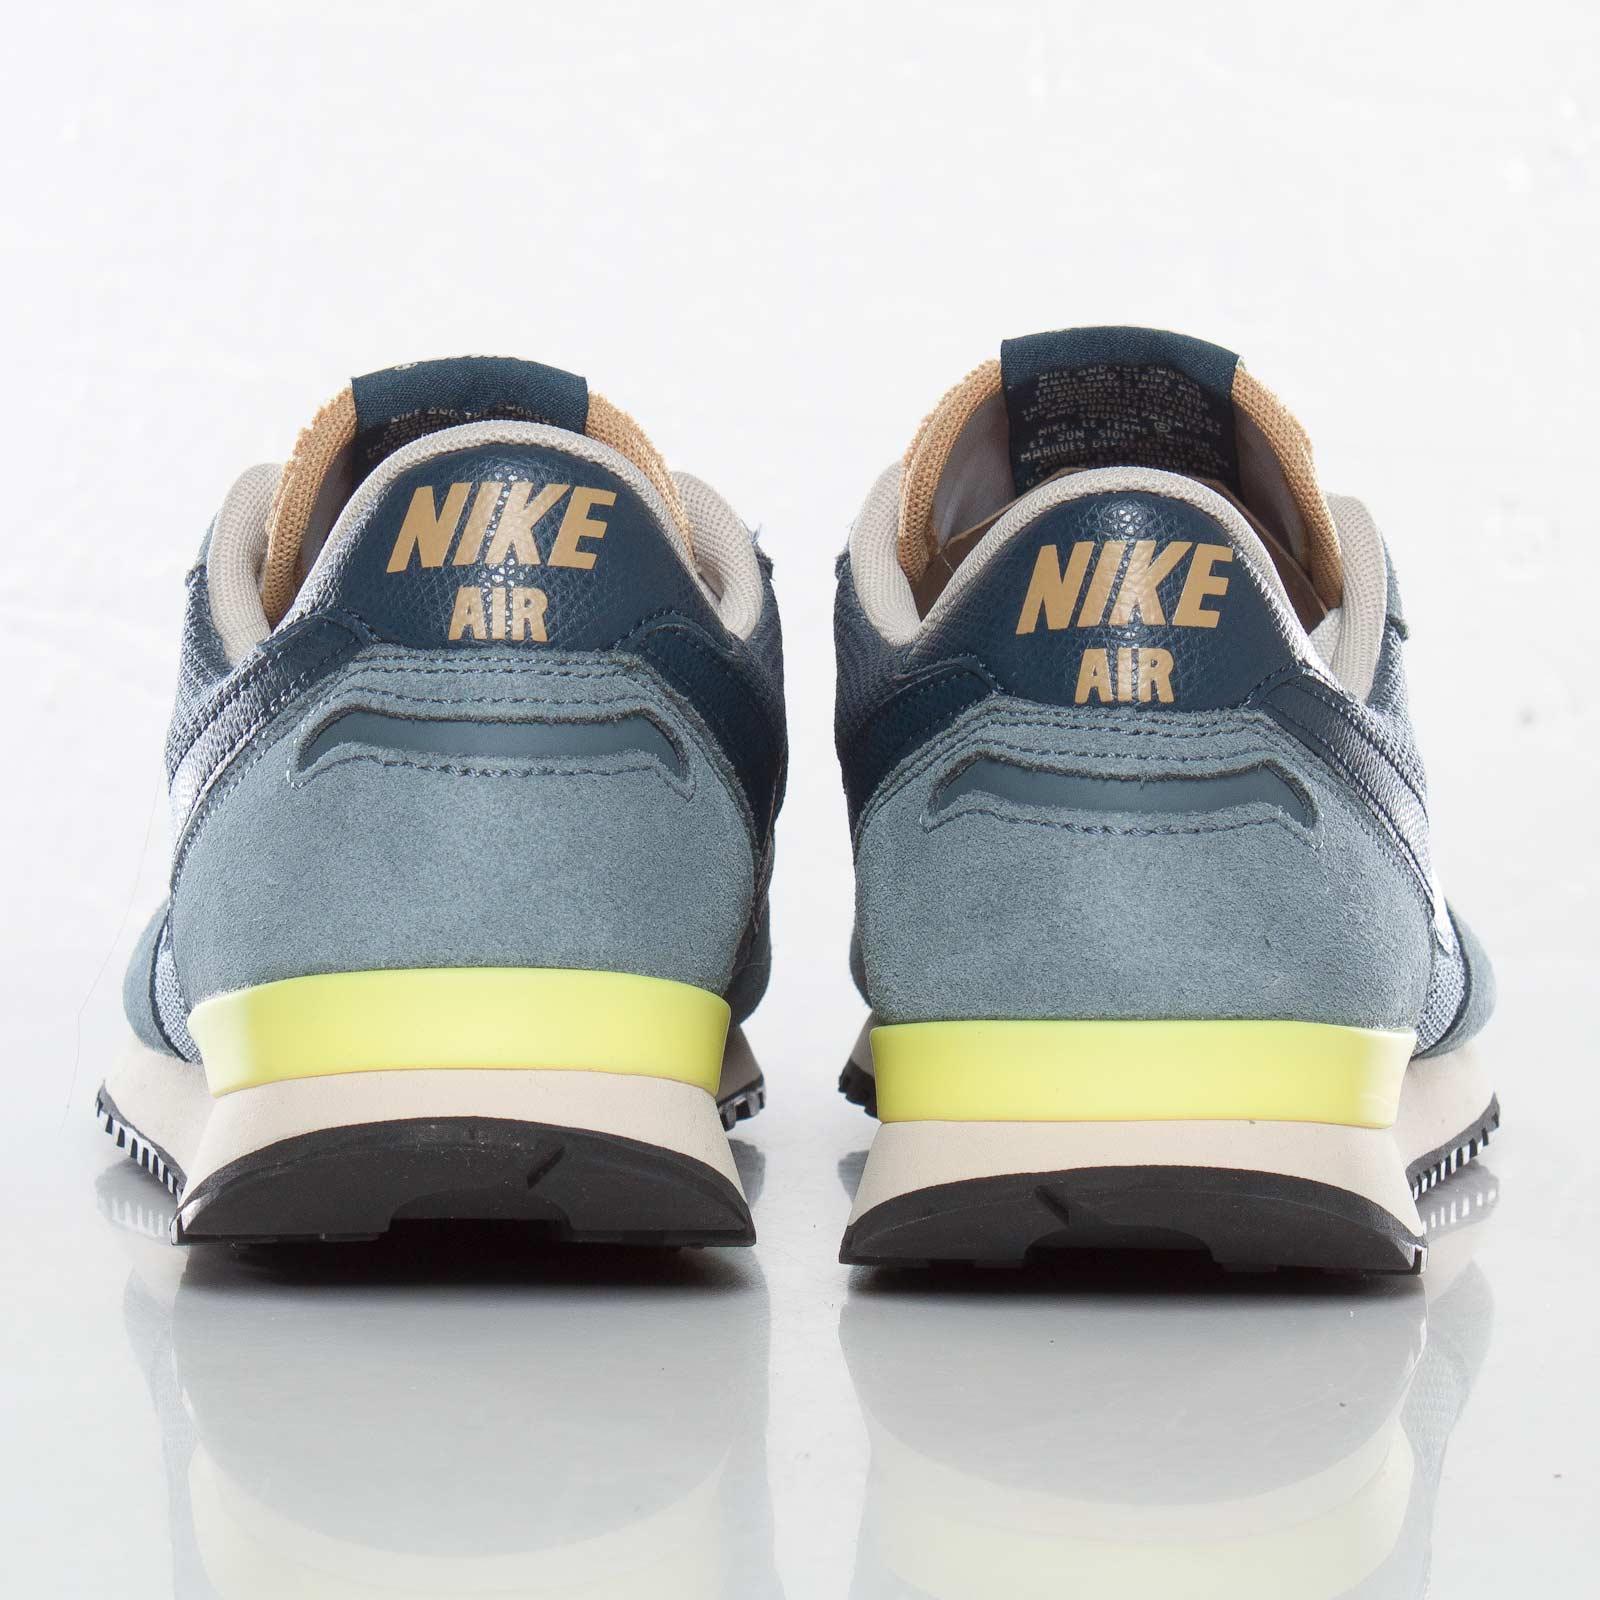 buy online 9989d 05cc5 Nike Air Vortex (VNTG) - 429773-440 - Sneakersnstuff   sneakers    streetwear online since 1999